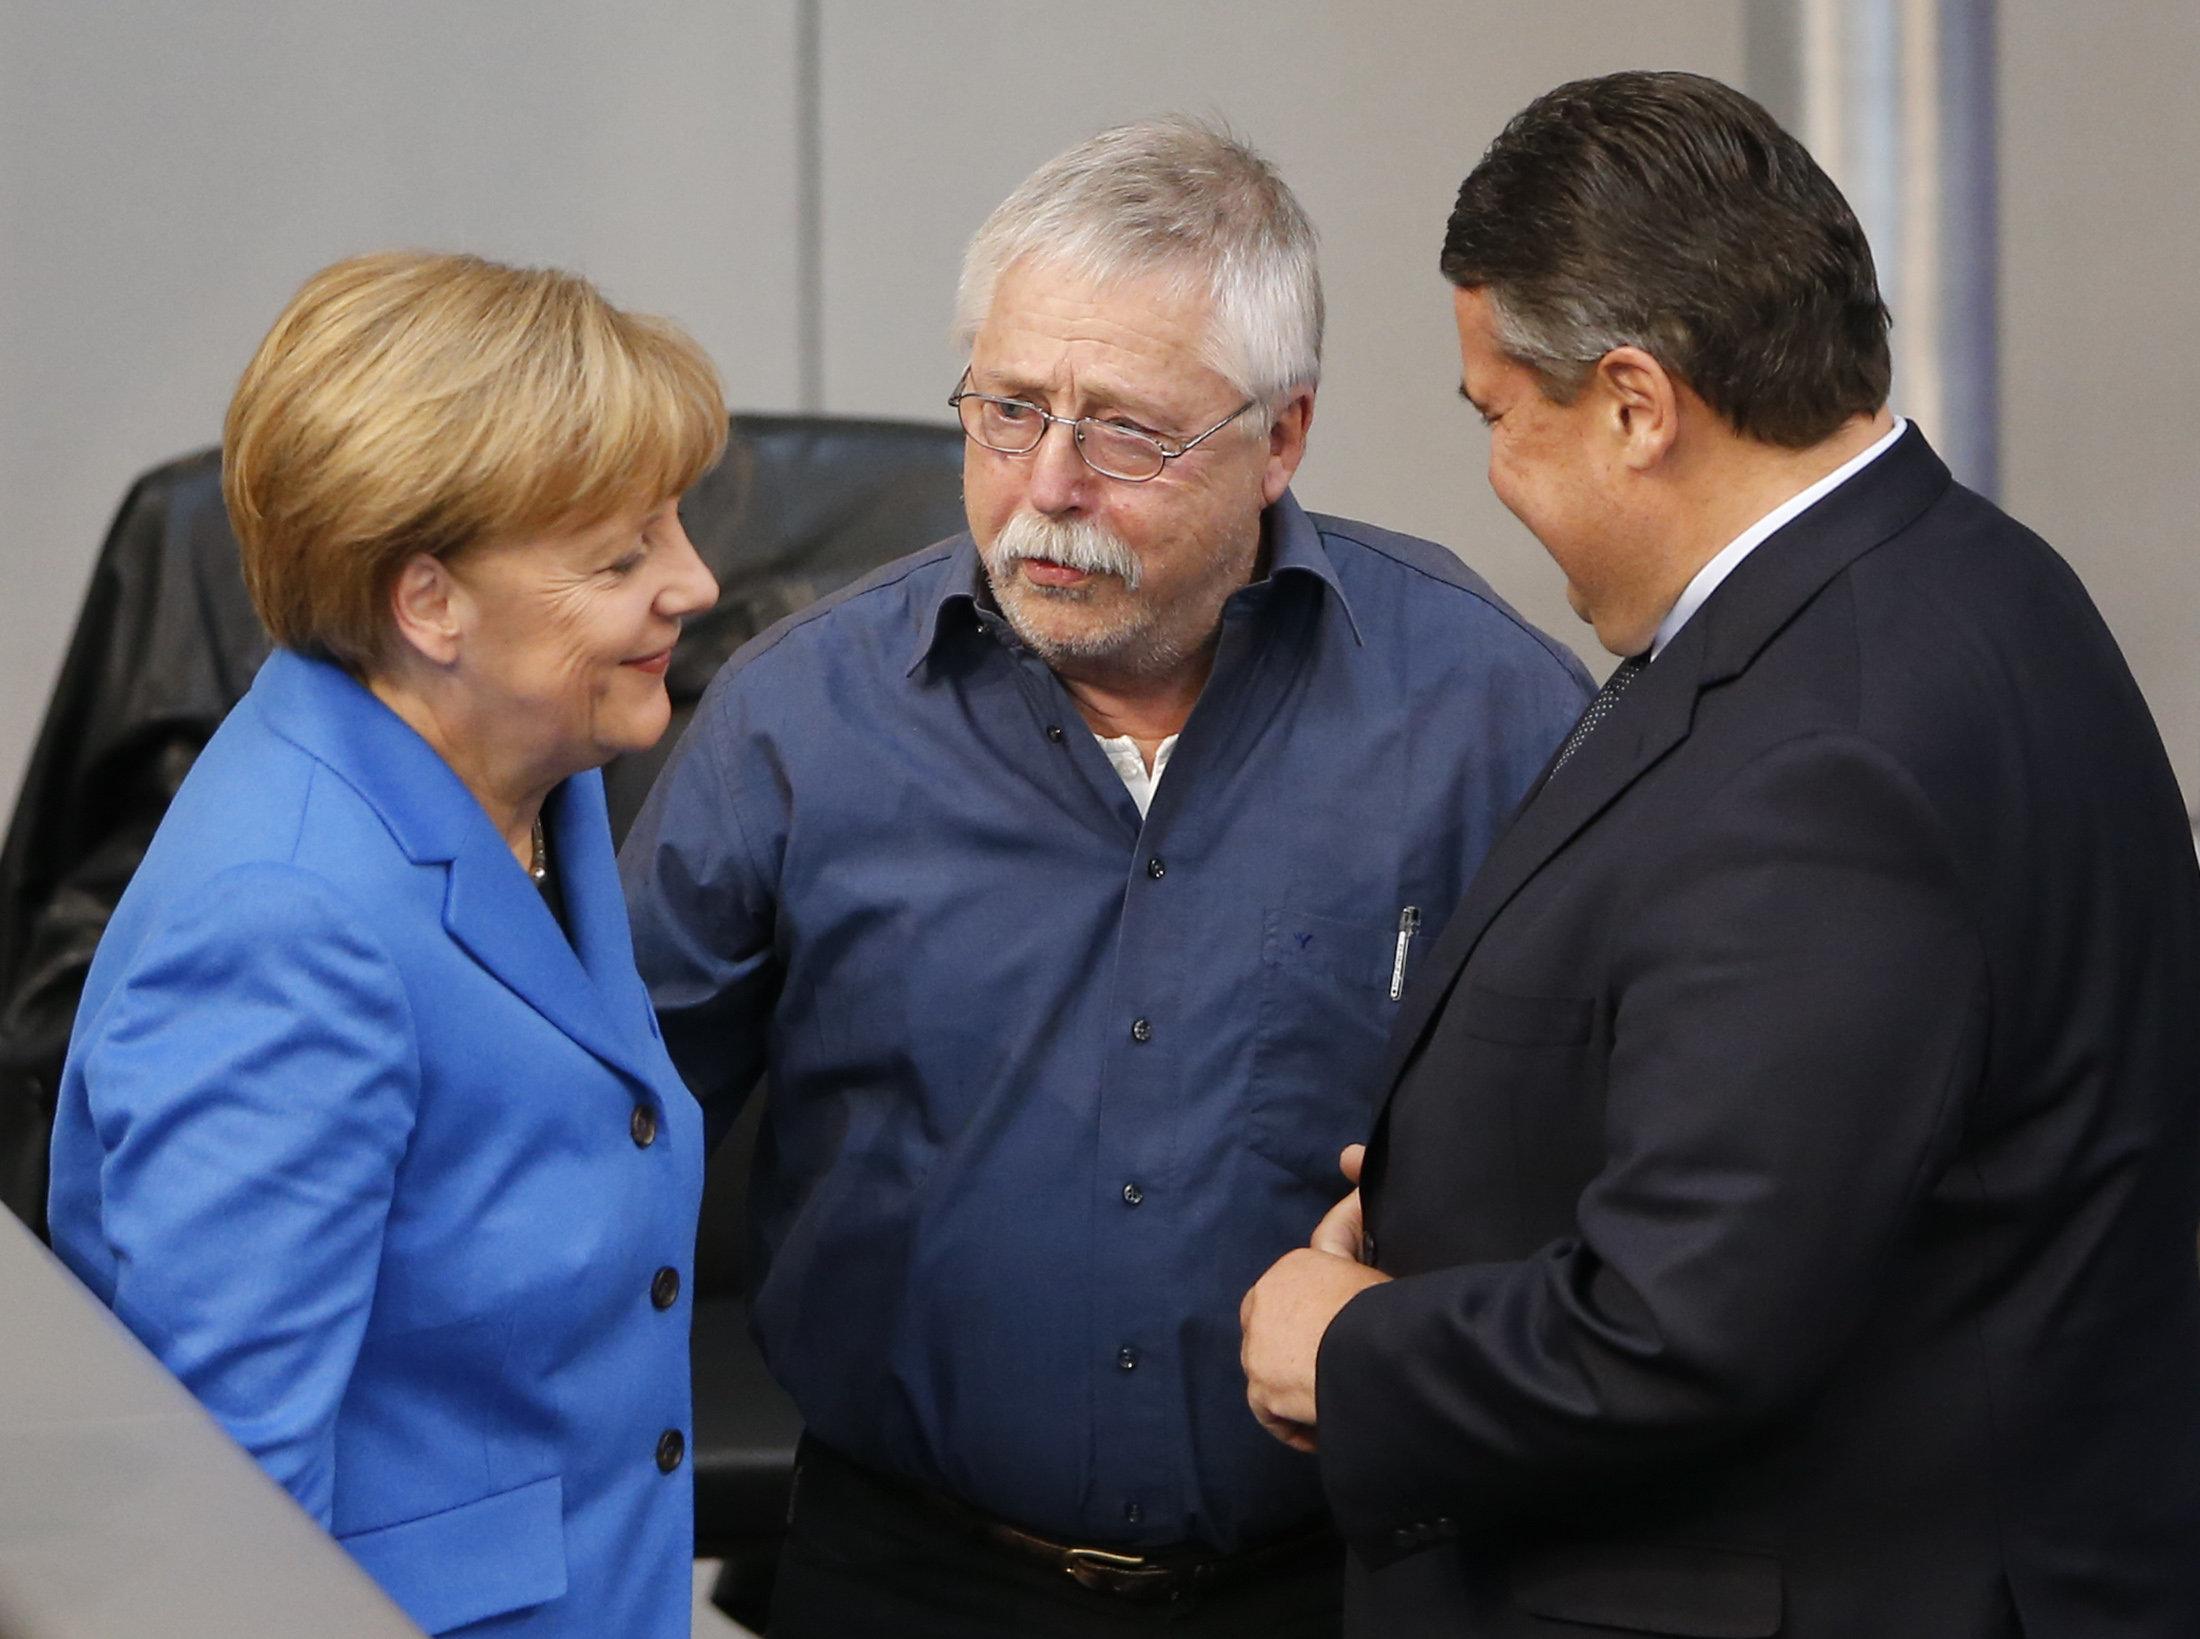 Liedermacher und DDR-Dissident Biermann: Merkels offene Grenze war ein